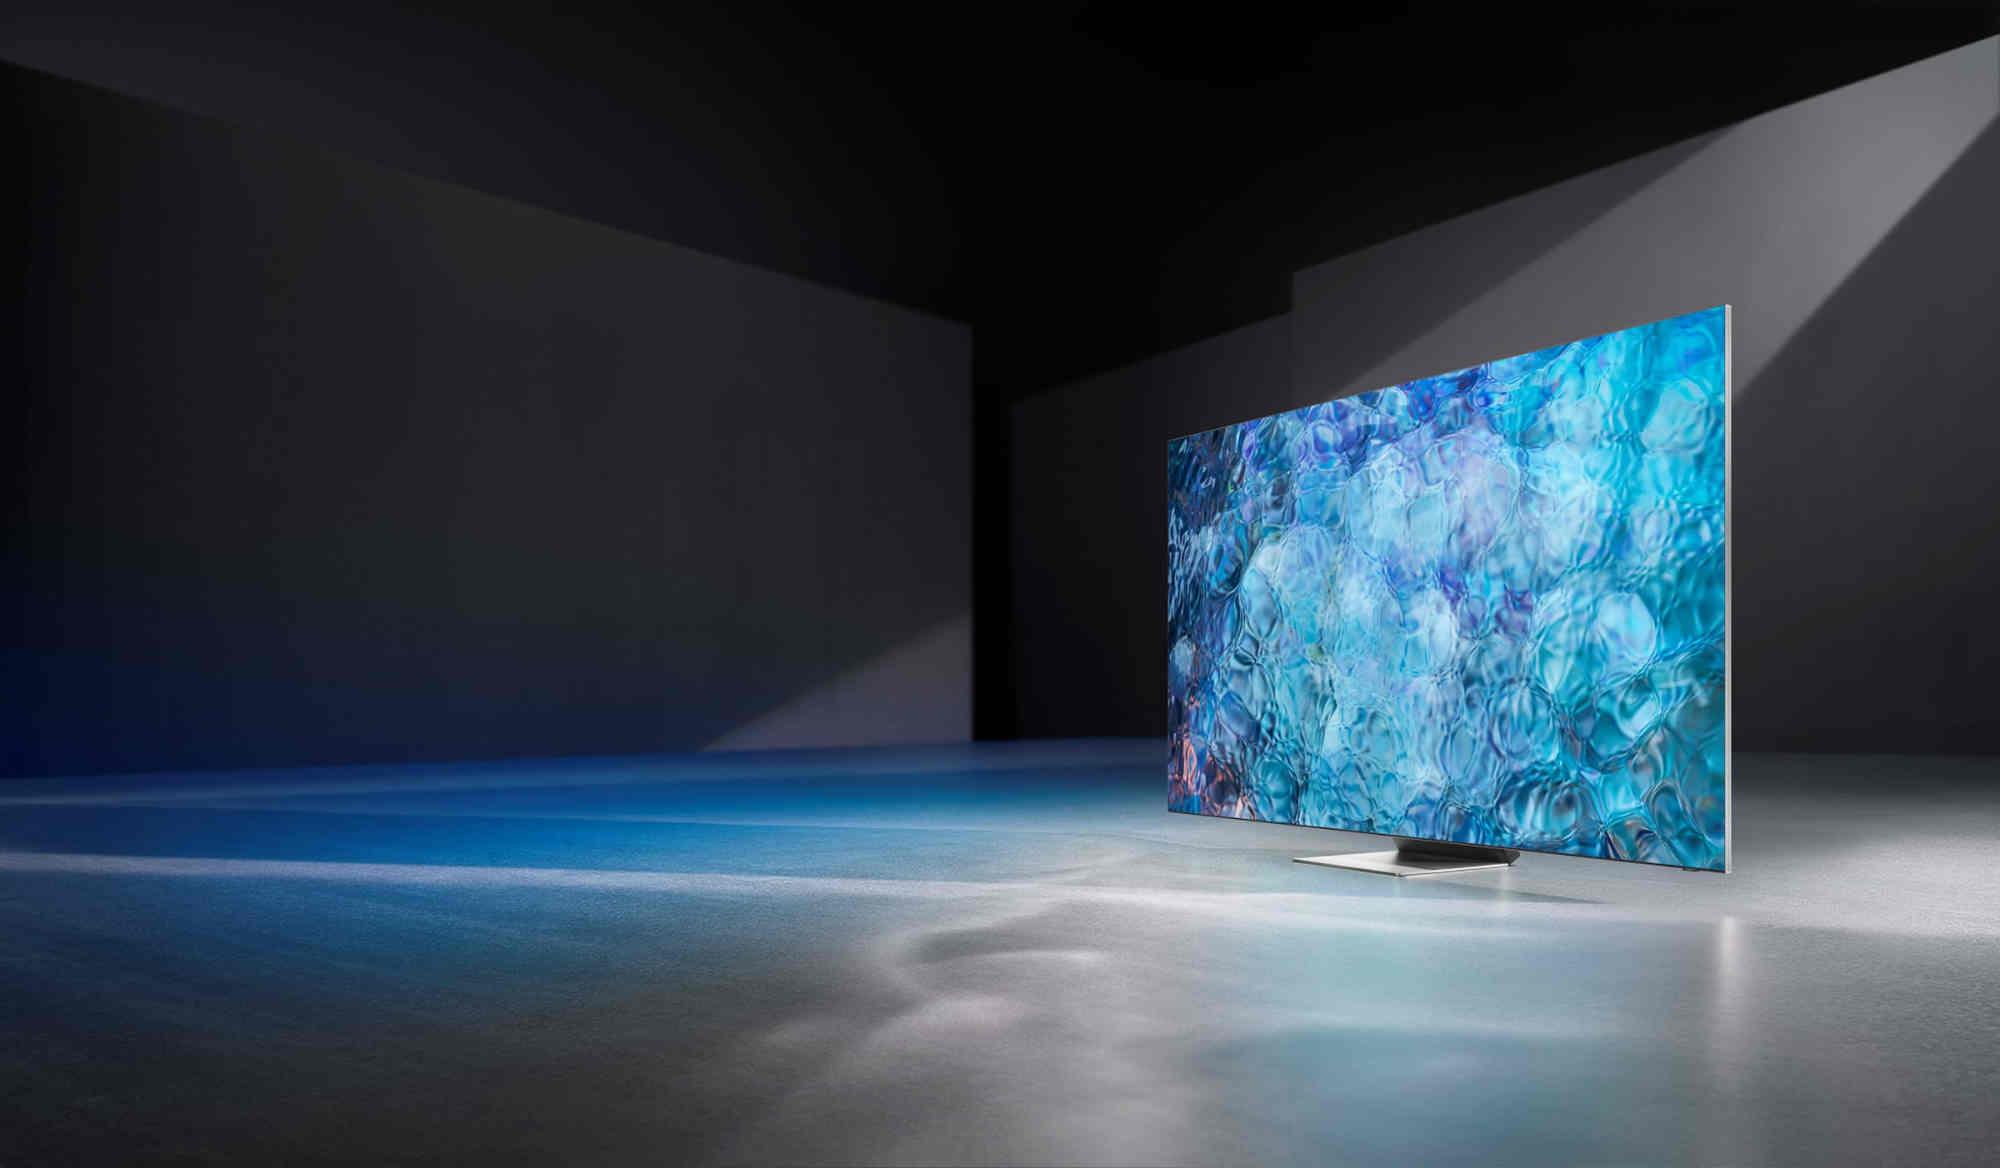 Samsung giới thiệu thế hệ TV QLED mới gọi là Neo QLED, dùng đèn nền miniLED